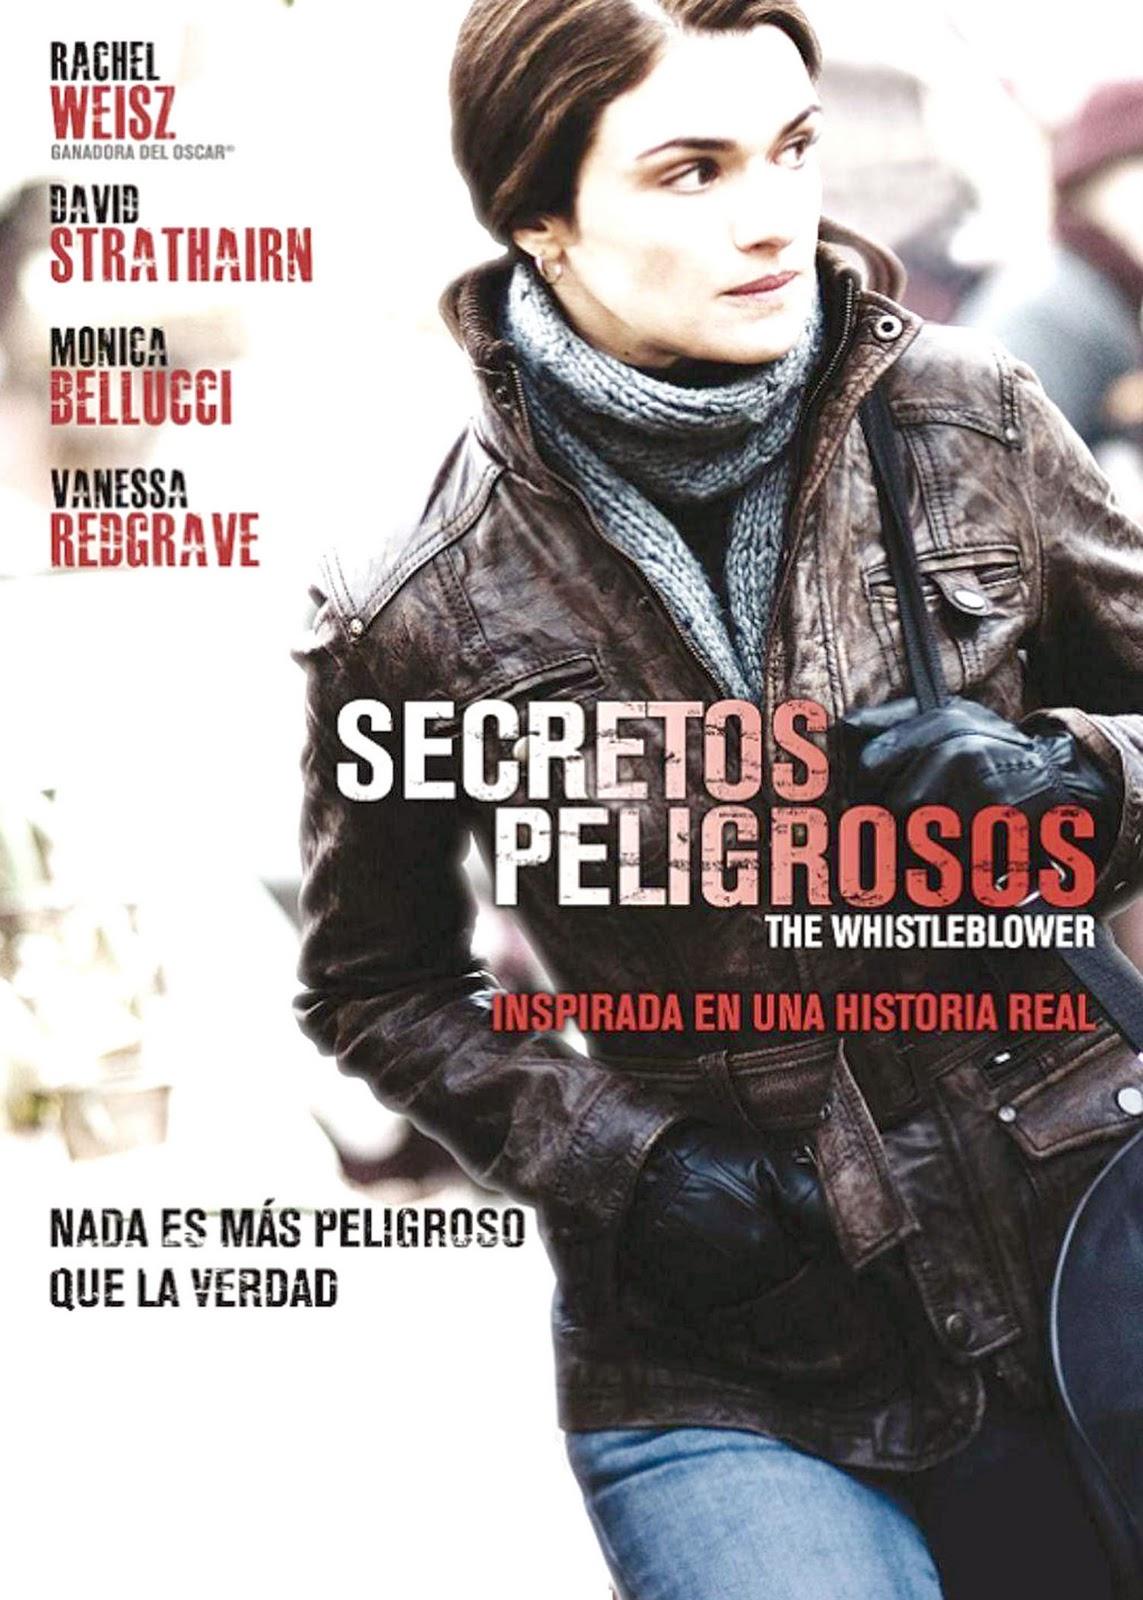 http://4.bp.blogspot.com/-5lY0YL6sXdw/Tw6-pXw3UMI/AAAAAAAAA48/J9yJ-qCGA2g/s1600/Secretos+Peligrosos.jpg